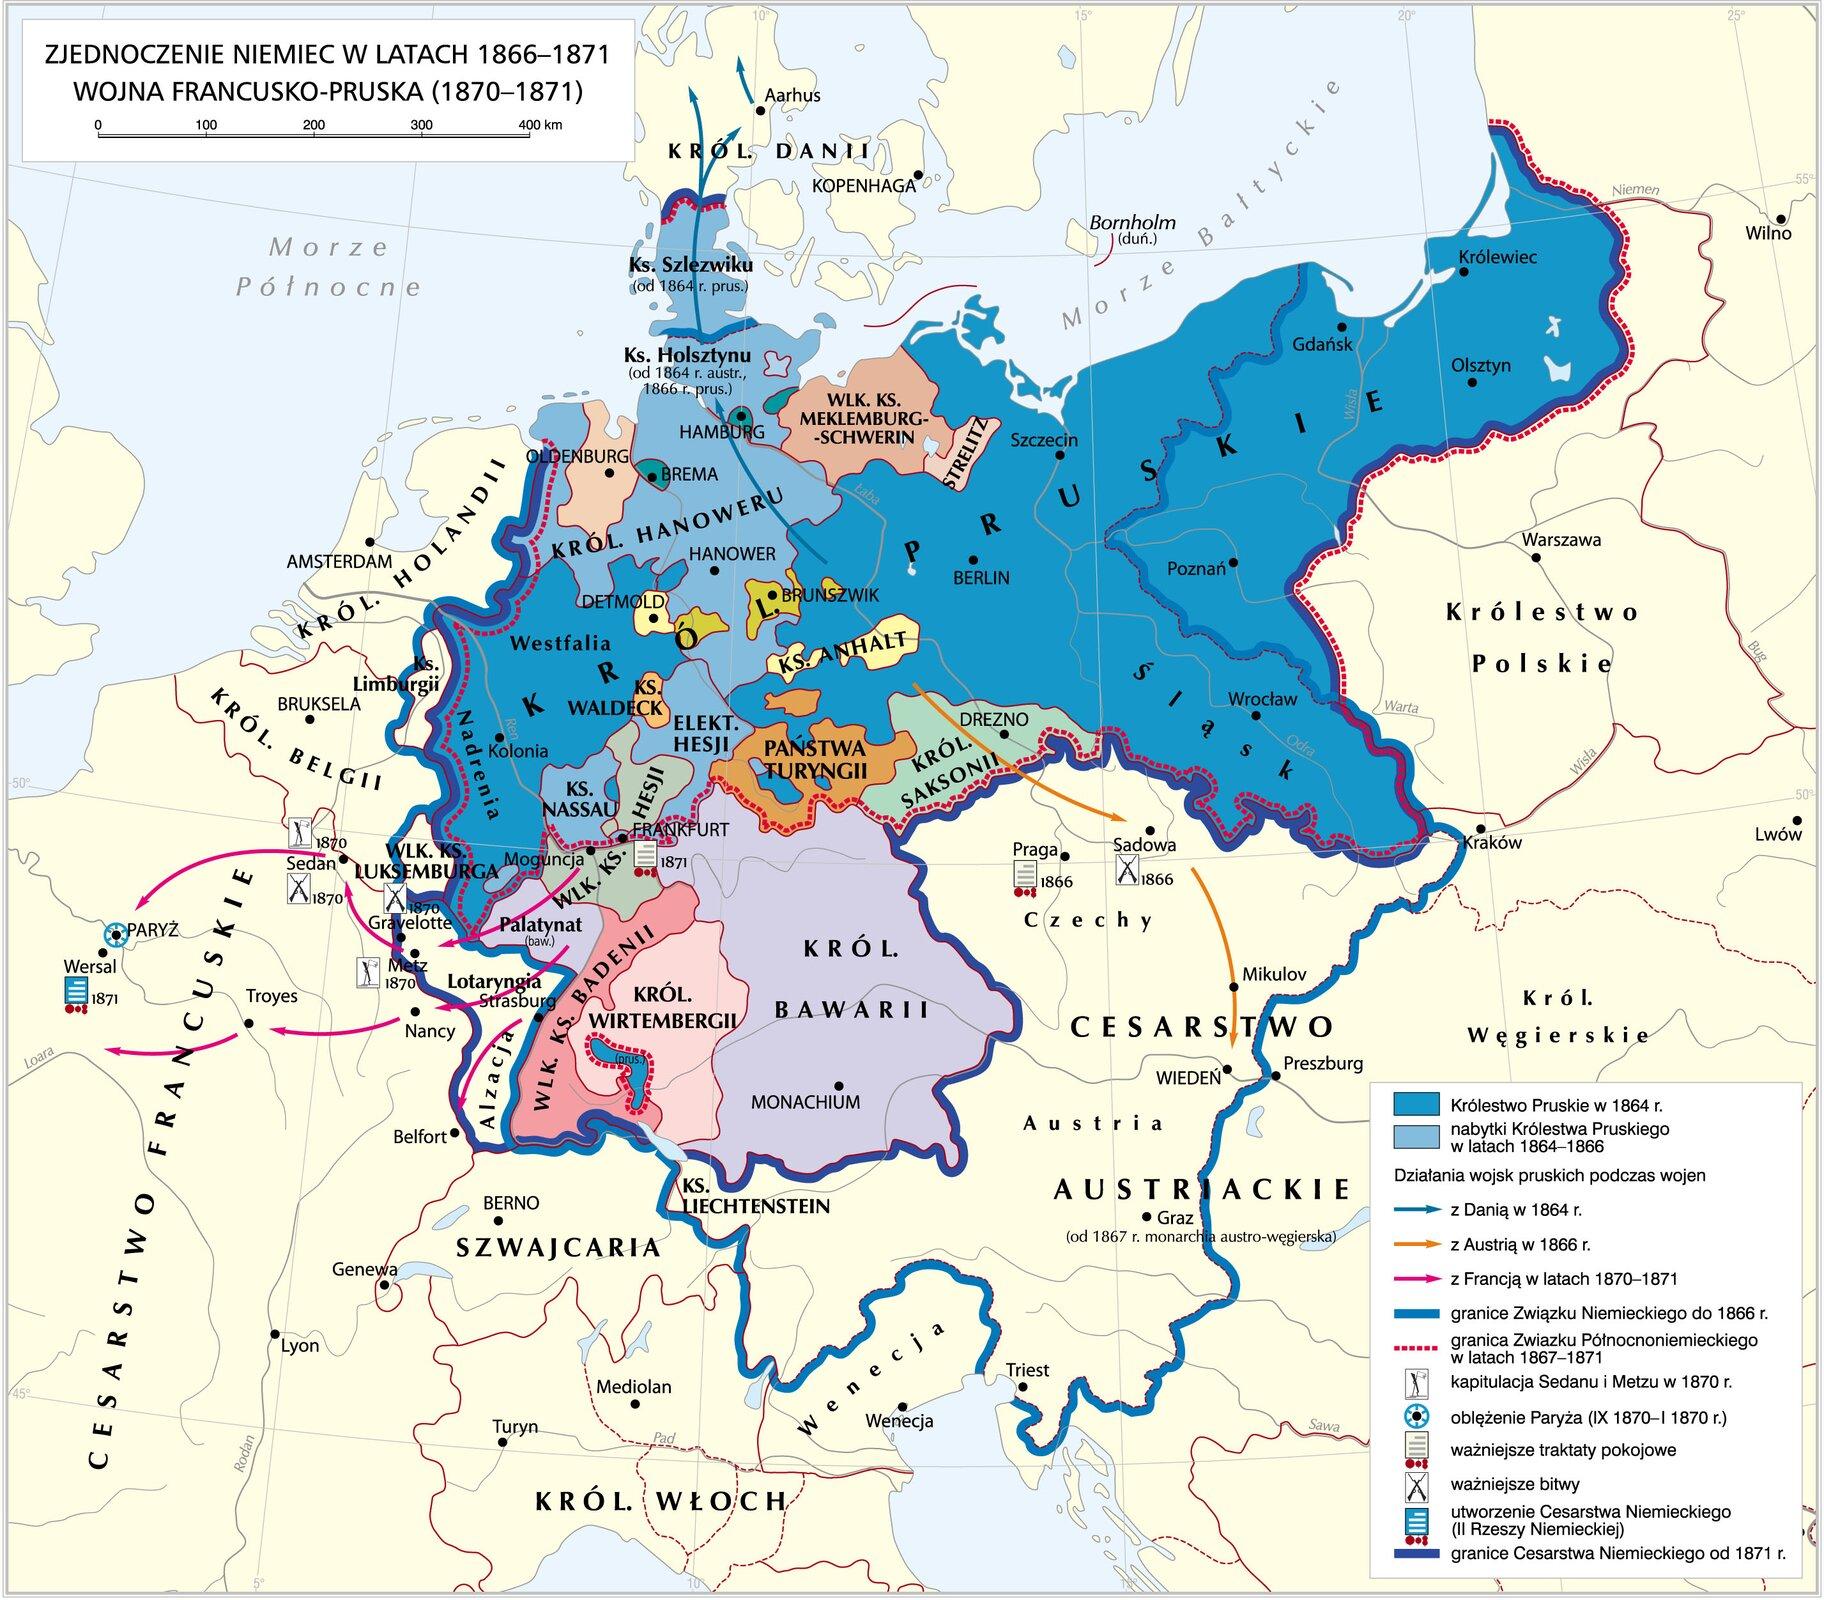 Zjednoczenie Niemiec wlatach 1866–1871. Wojna francusko-pruska (1870–1871) Źródło: Krystian Chariza izespół, Zjednoczenie Niemiec wlatach 1866–1871. Wojna francusko-pruska (1870–1871), licencja: CC BY 3.0.